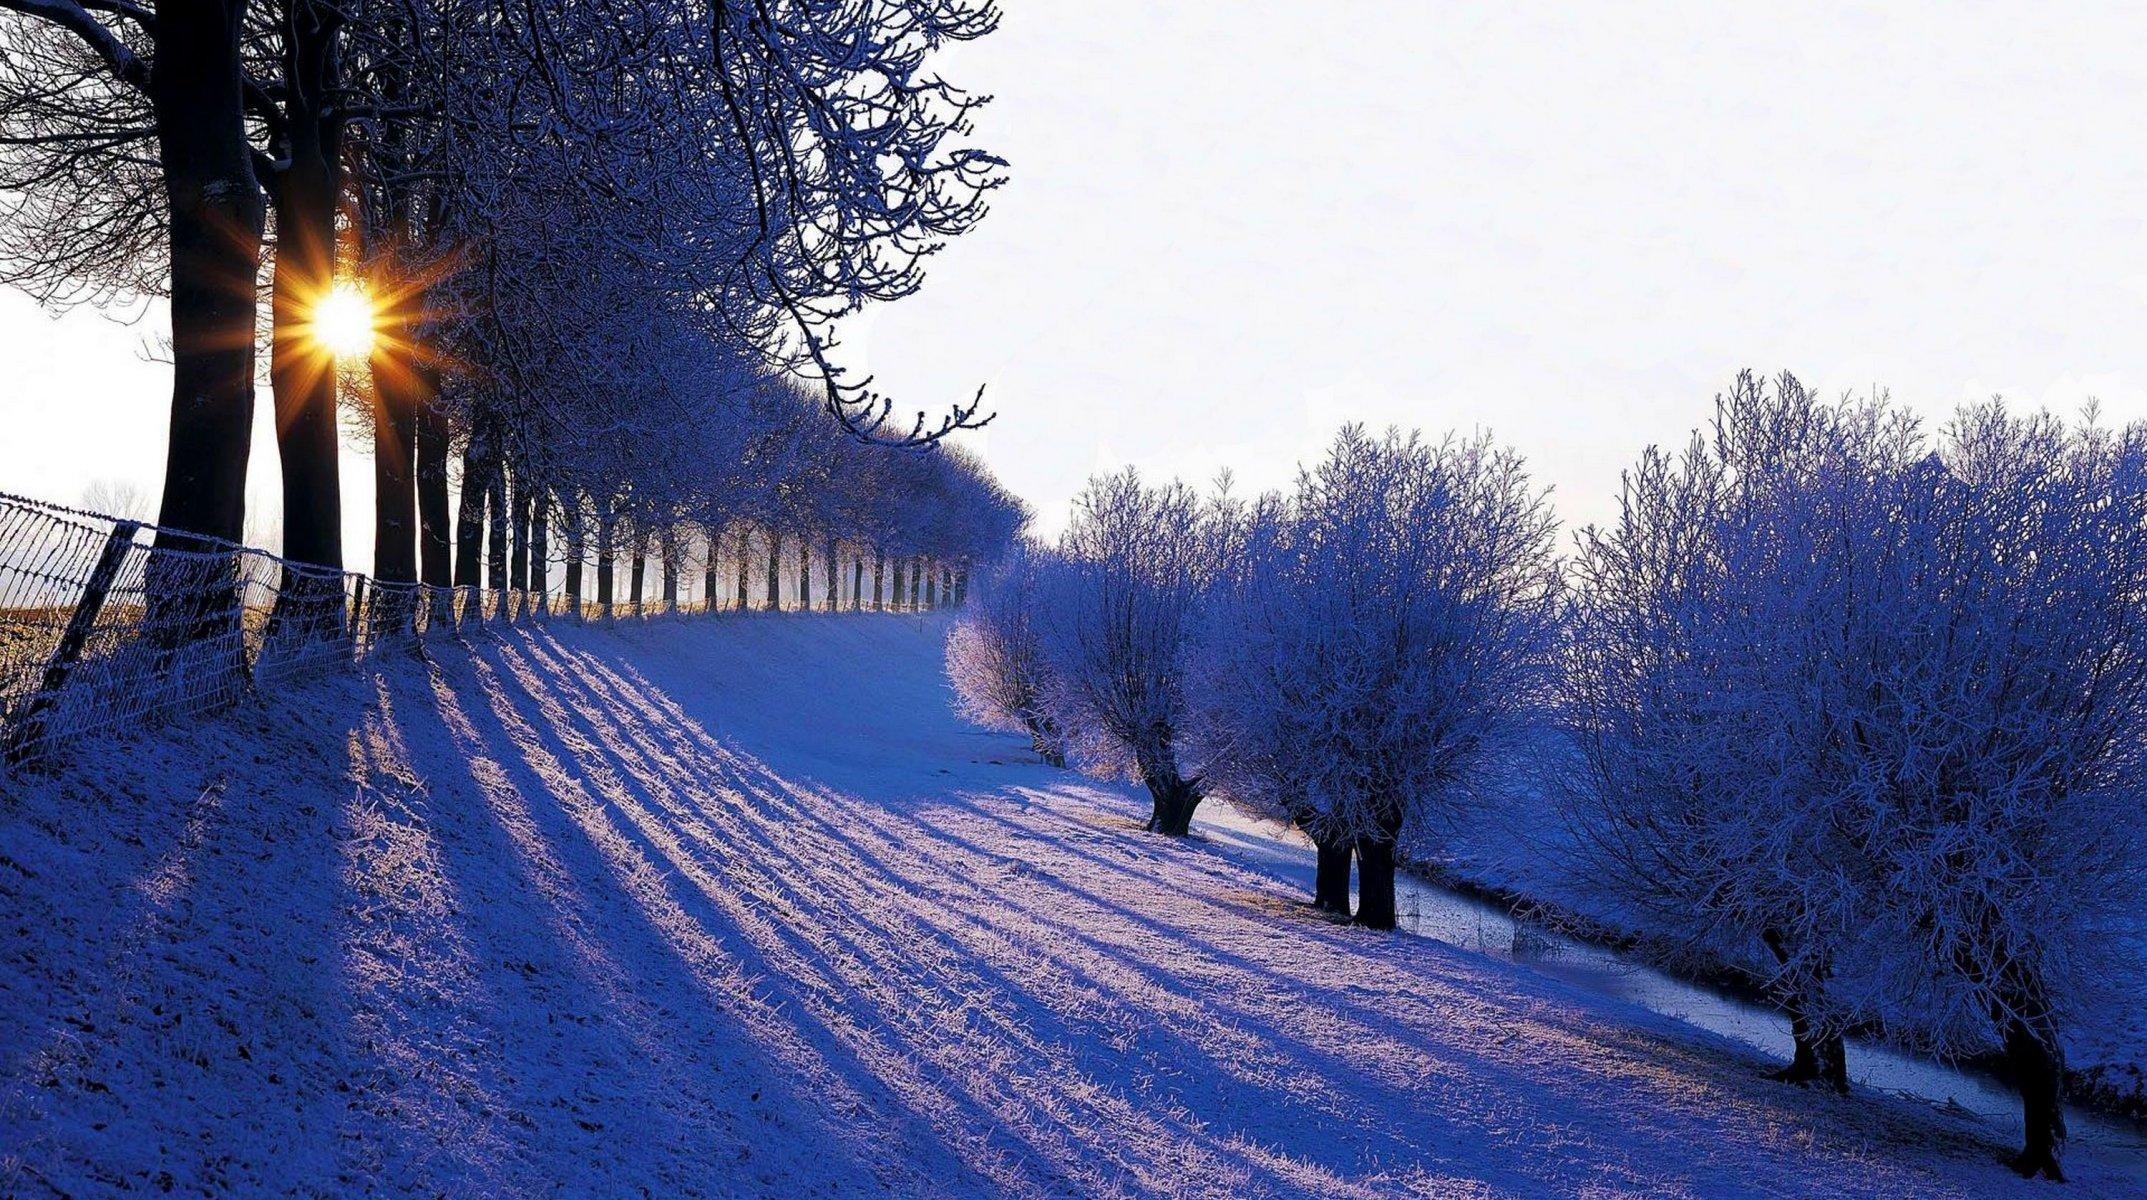 Картинки для рабочего стола зима, футболки картинками